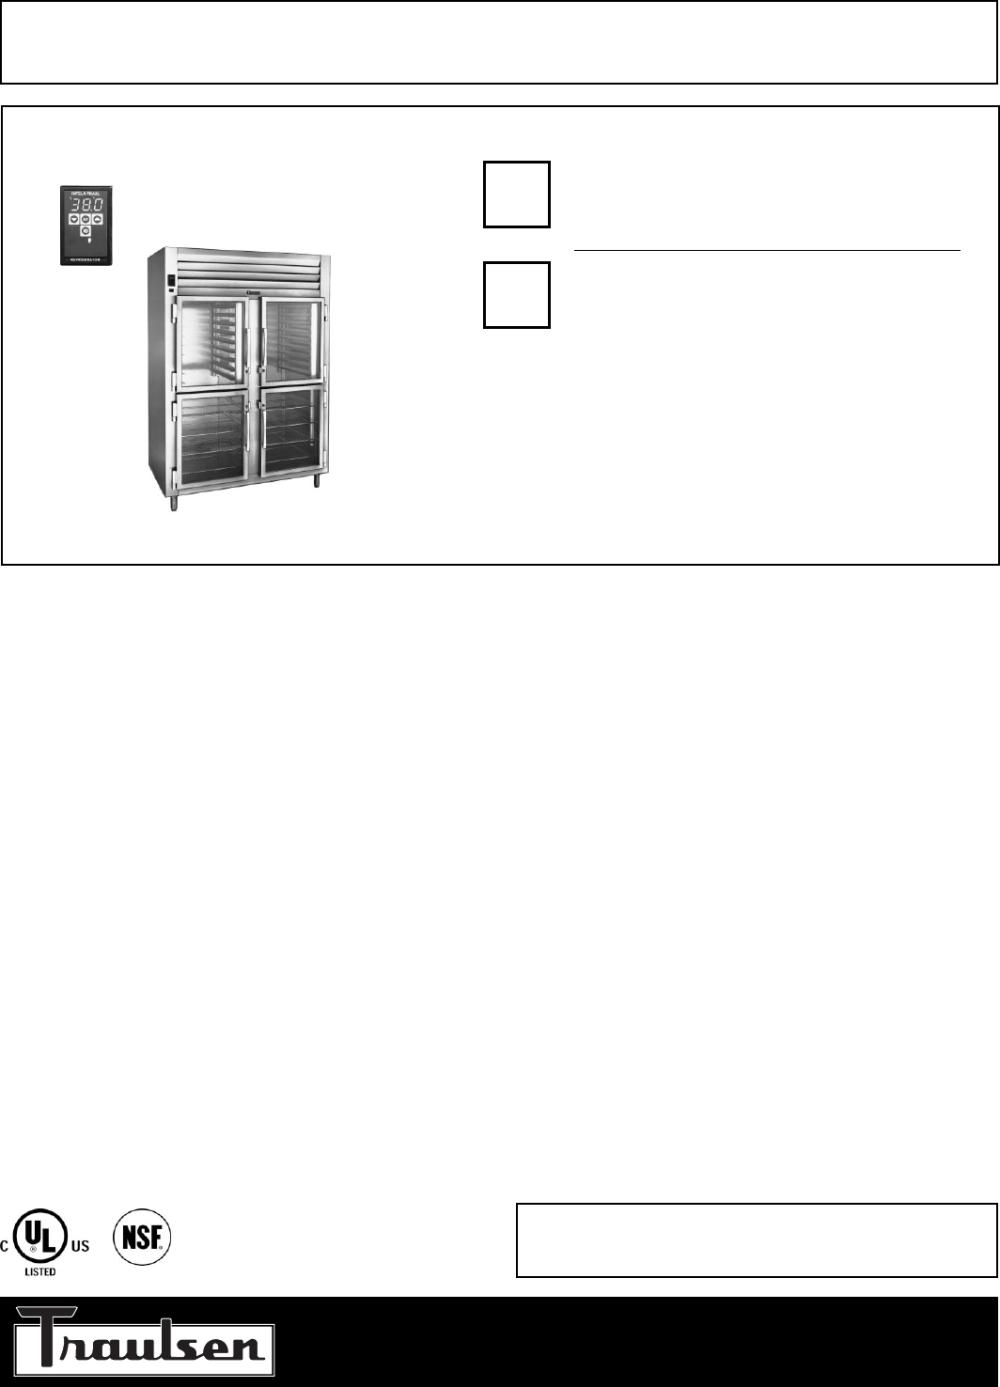 medium resolution of traulsen rht232nut hhg refrigerator user manual